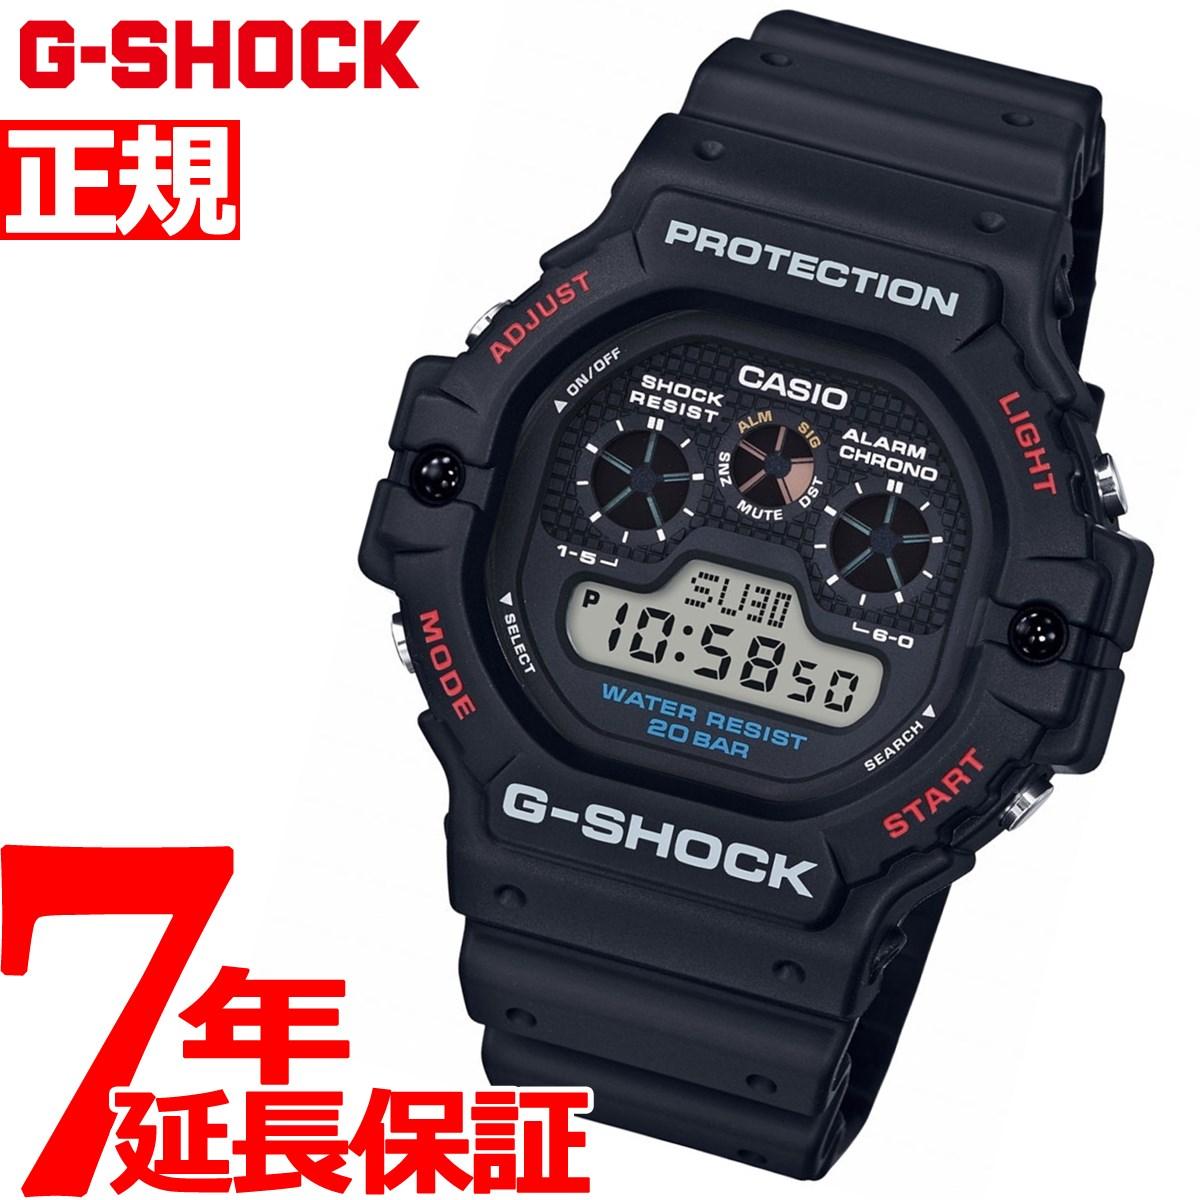 【21日20時〜お得!最大ポイント28倍!さらに最大1万円OFFクーポン配布!】G-SHOCK デジタル カシオ Gショック CASIO 腕時計 メンズ DW-5900-1JF【2018 新作】